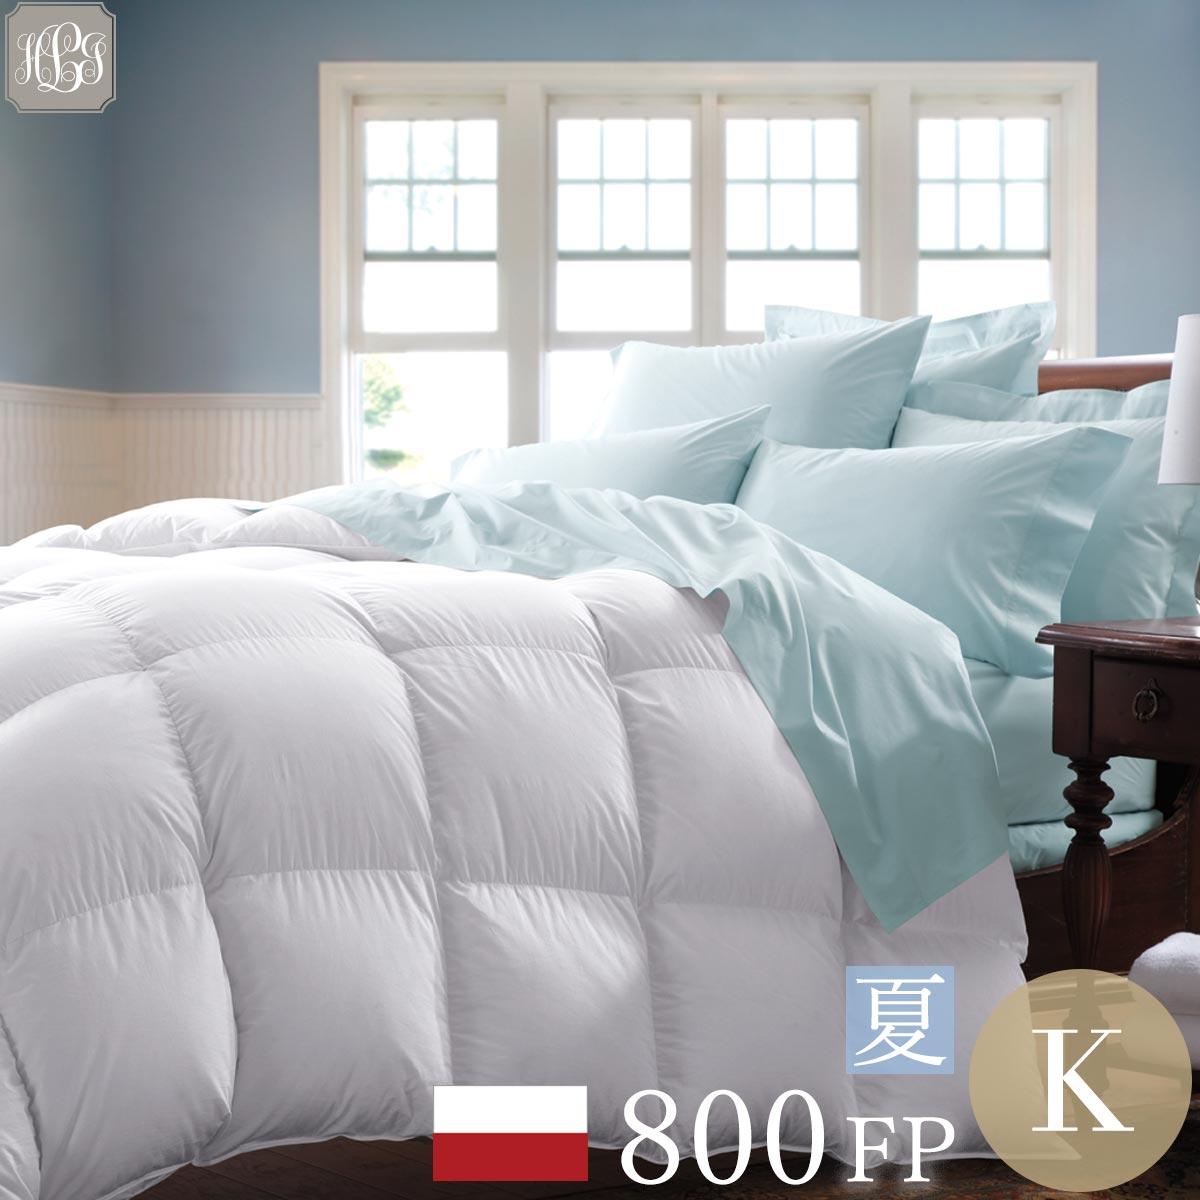 夏用 キング 230cmx210cm 羽毛肌掛け布団 800フィルパワーポーランド産ホワイトマザーグースダウン ダウンブランケット 送料無料